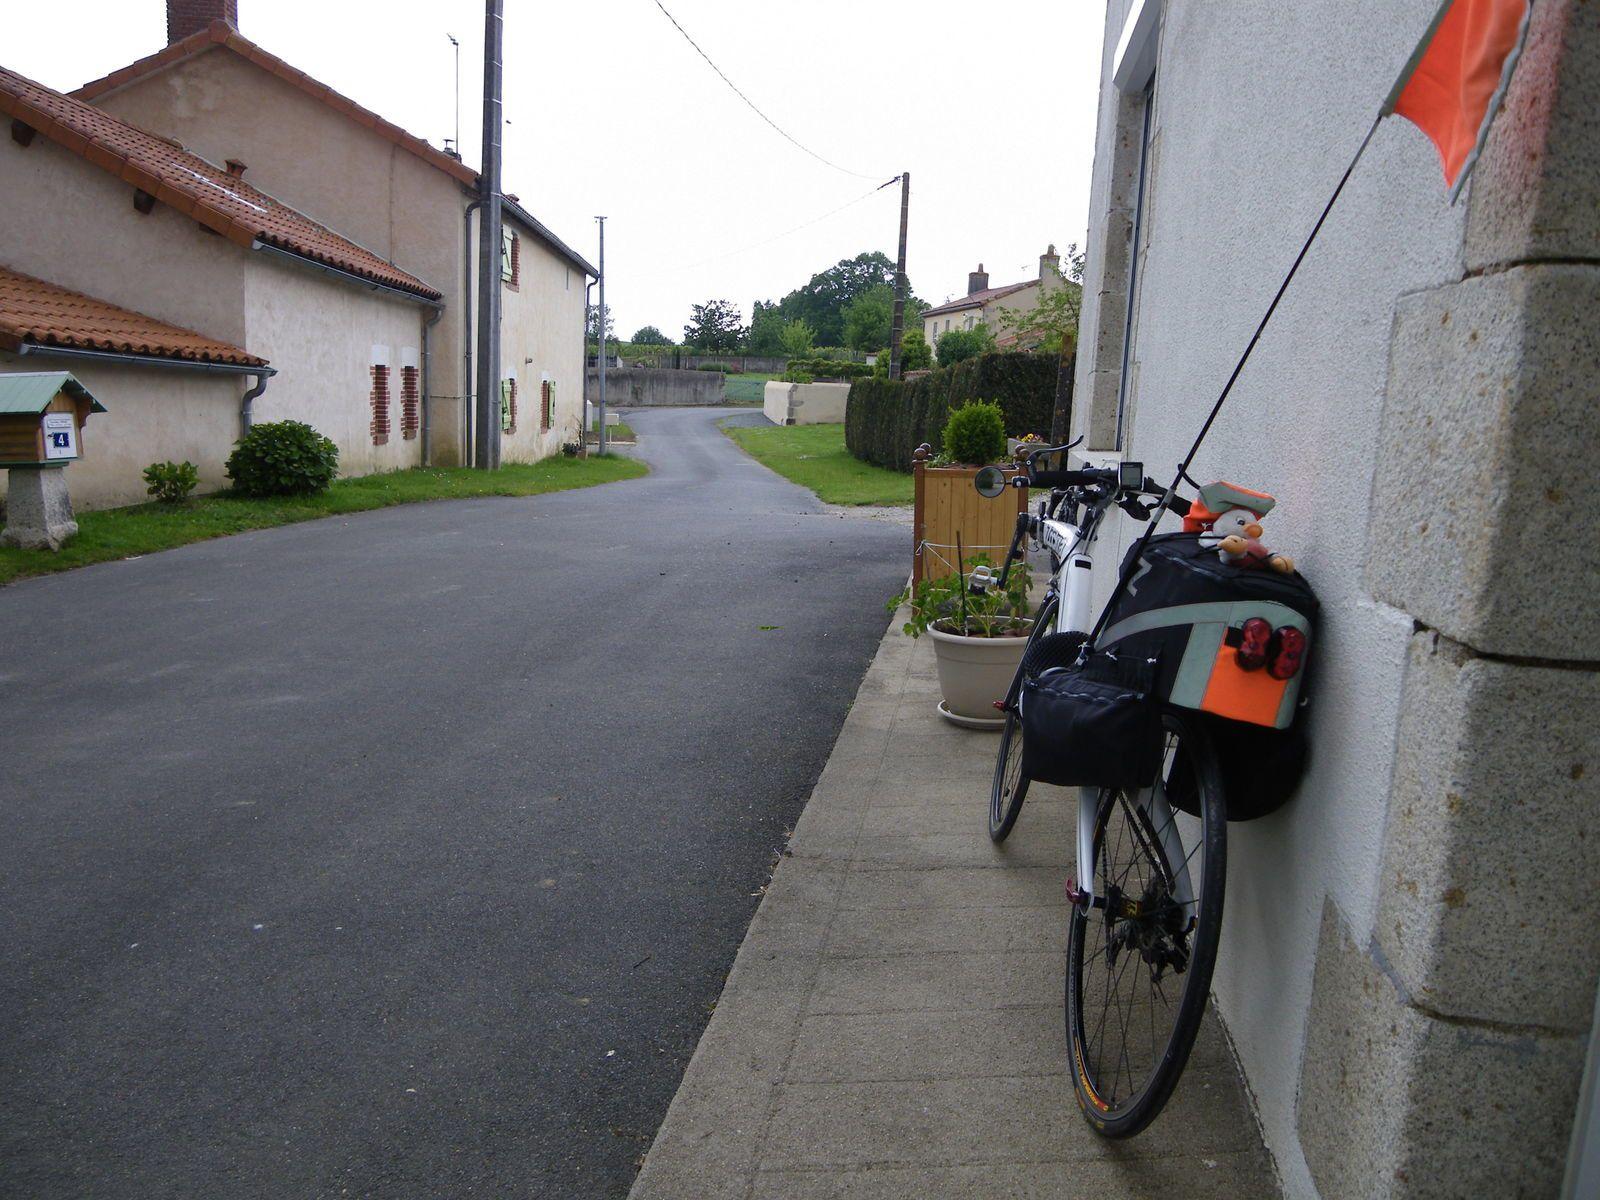 Départ de chez mes parents à Saint Amand sur Sèvre, à 14h30 mardi 27 mai